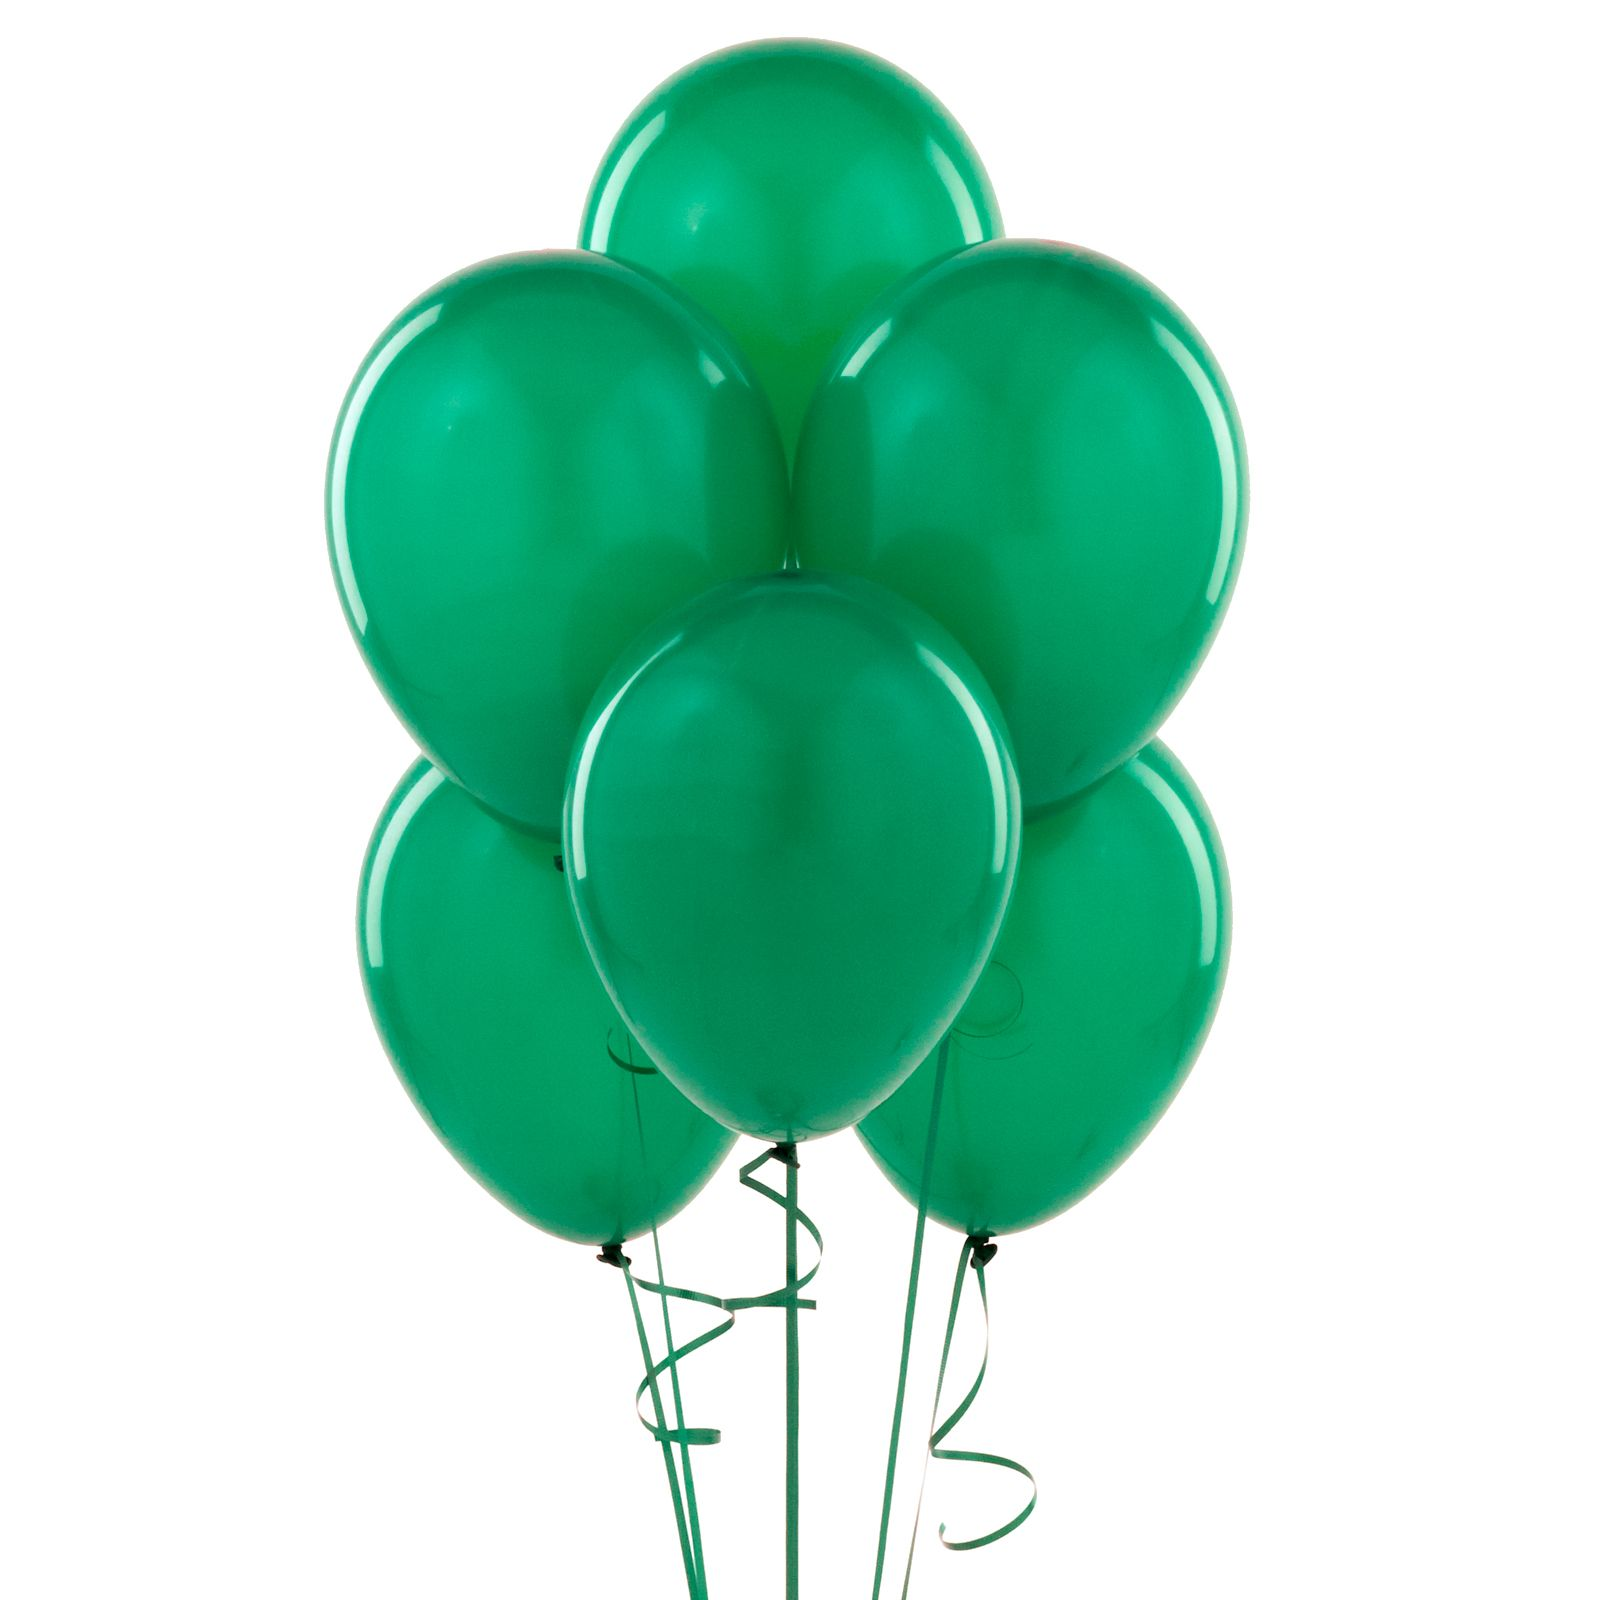 Jade Green Latex Balloons | Latex balloons, Jade green and Jade